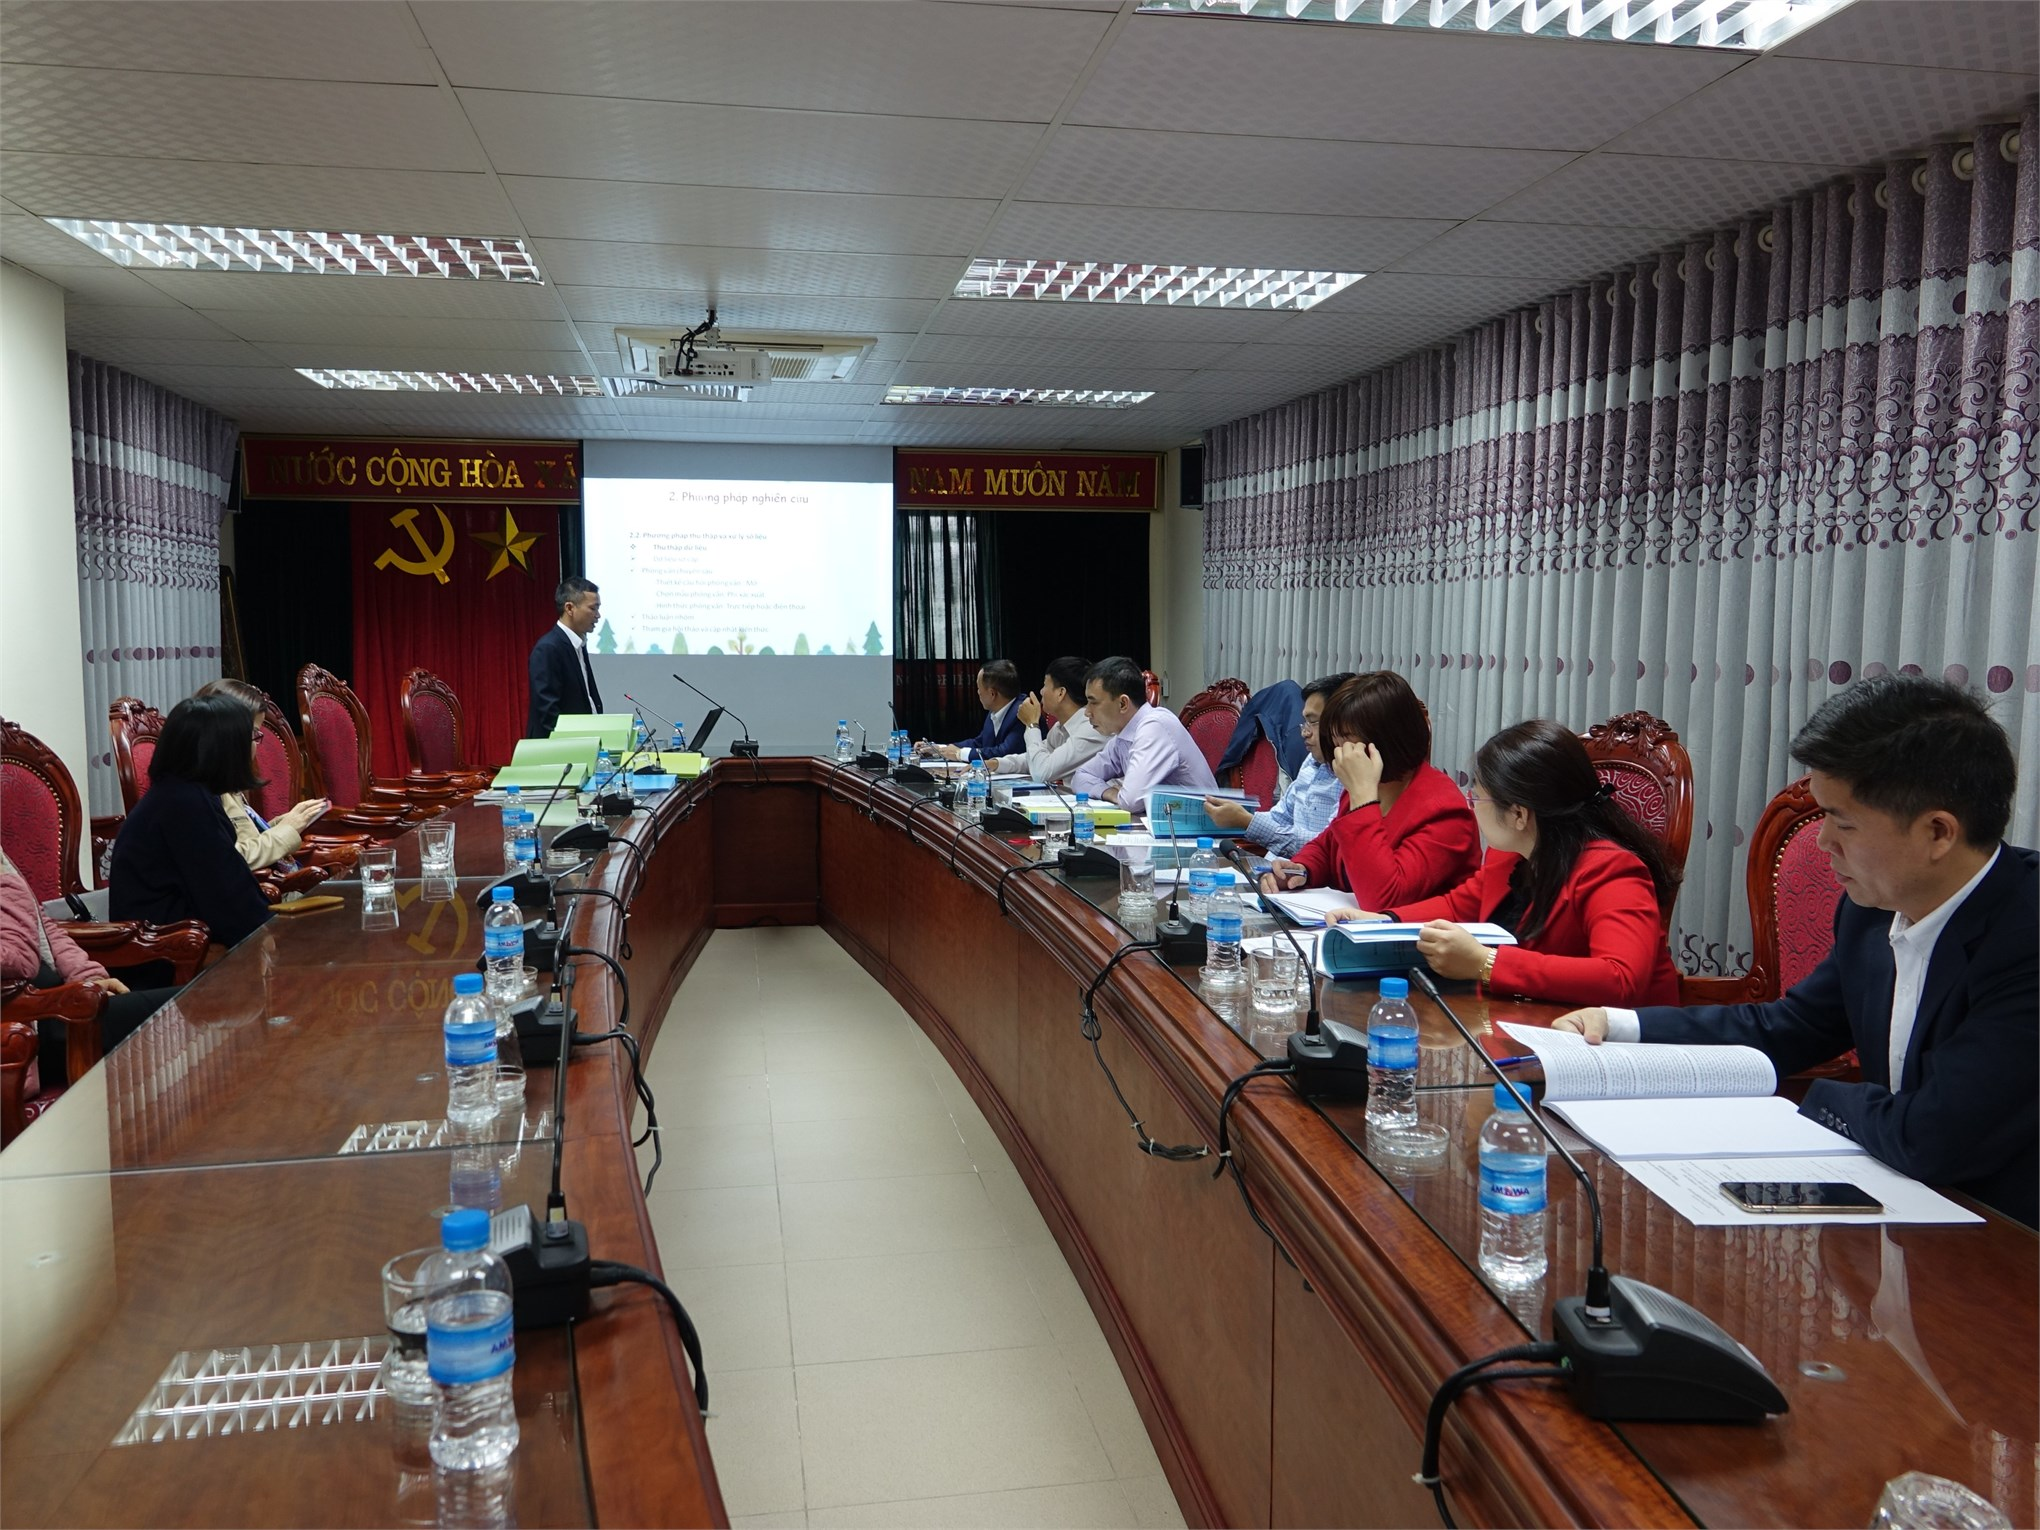 """Bảo vệ đề án """"Xây dựng cơ sở dữ liệu kiểm toán báo cáo tài chính phục vụ thực tập tốt nghiệp cho sinh viên ngành kiểm toán của Đại học Công nghiệp Hà Nội"""" của TS Giáp Đăng Kha"""